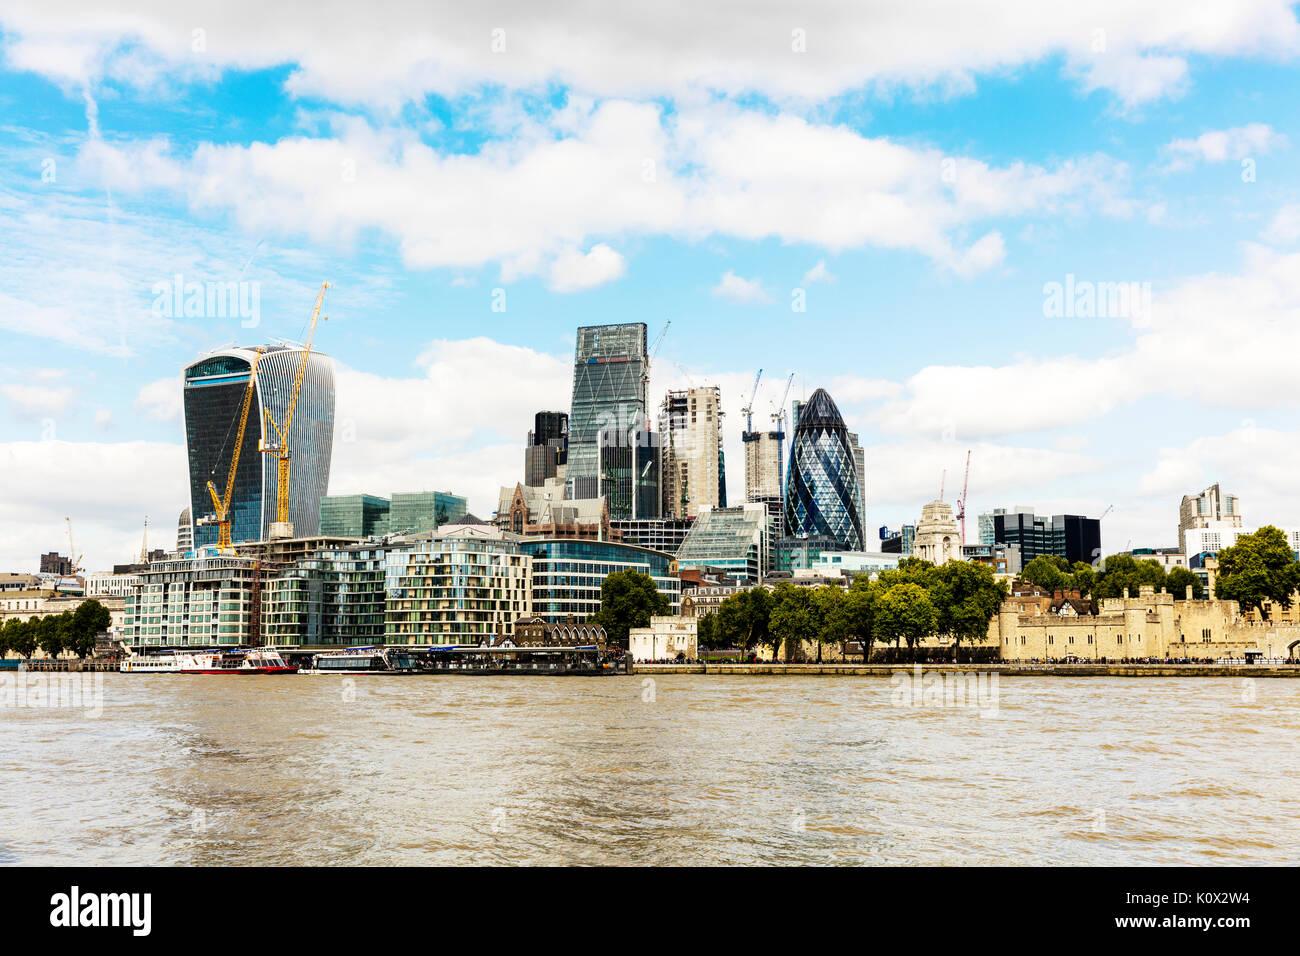 Stadt Skyline von London, Tower 42, der Cheesegrater und Walkie Talkie Wolkenkratzer, London, England, Vereinigtes Königreich, Europa, 20 Fenchurch Street, Städte Stockbild